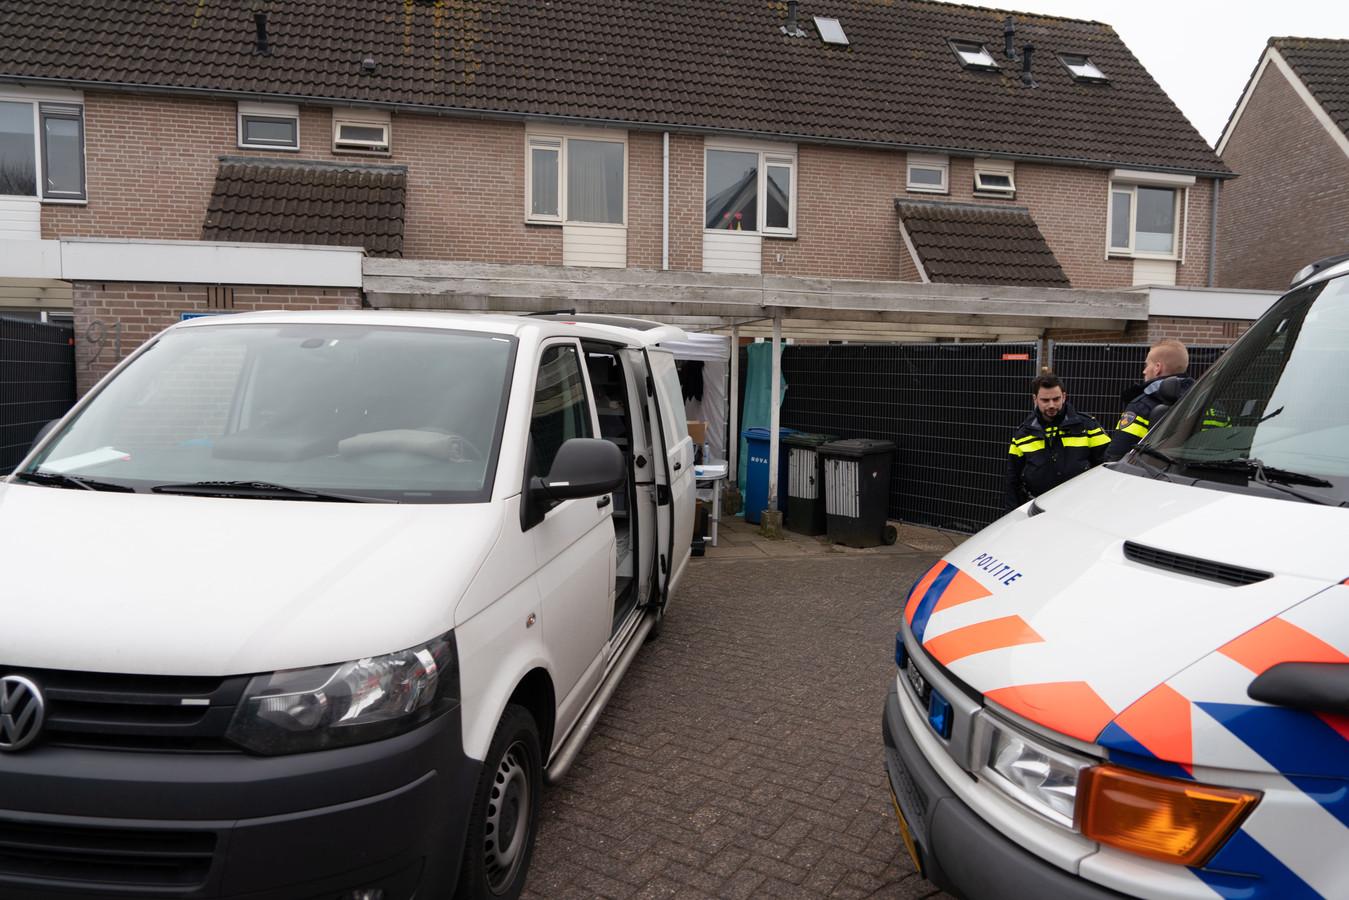 Politieonderzoek aan de van Zuylenware, waar later het lichaam van Deniz Guldogdu werd gevonden.